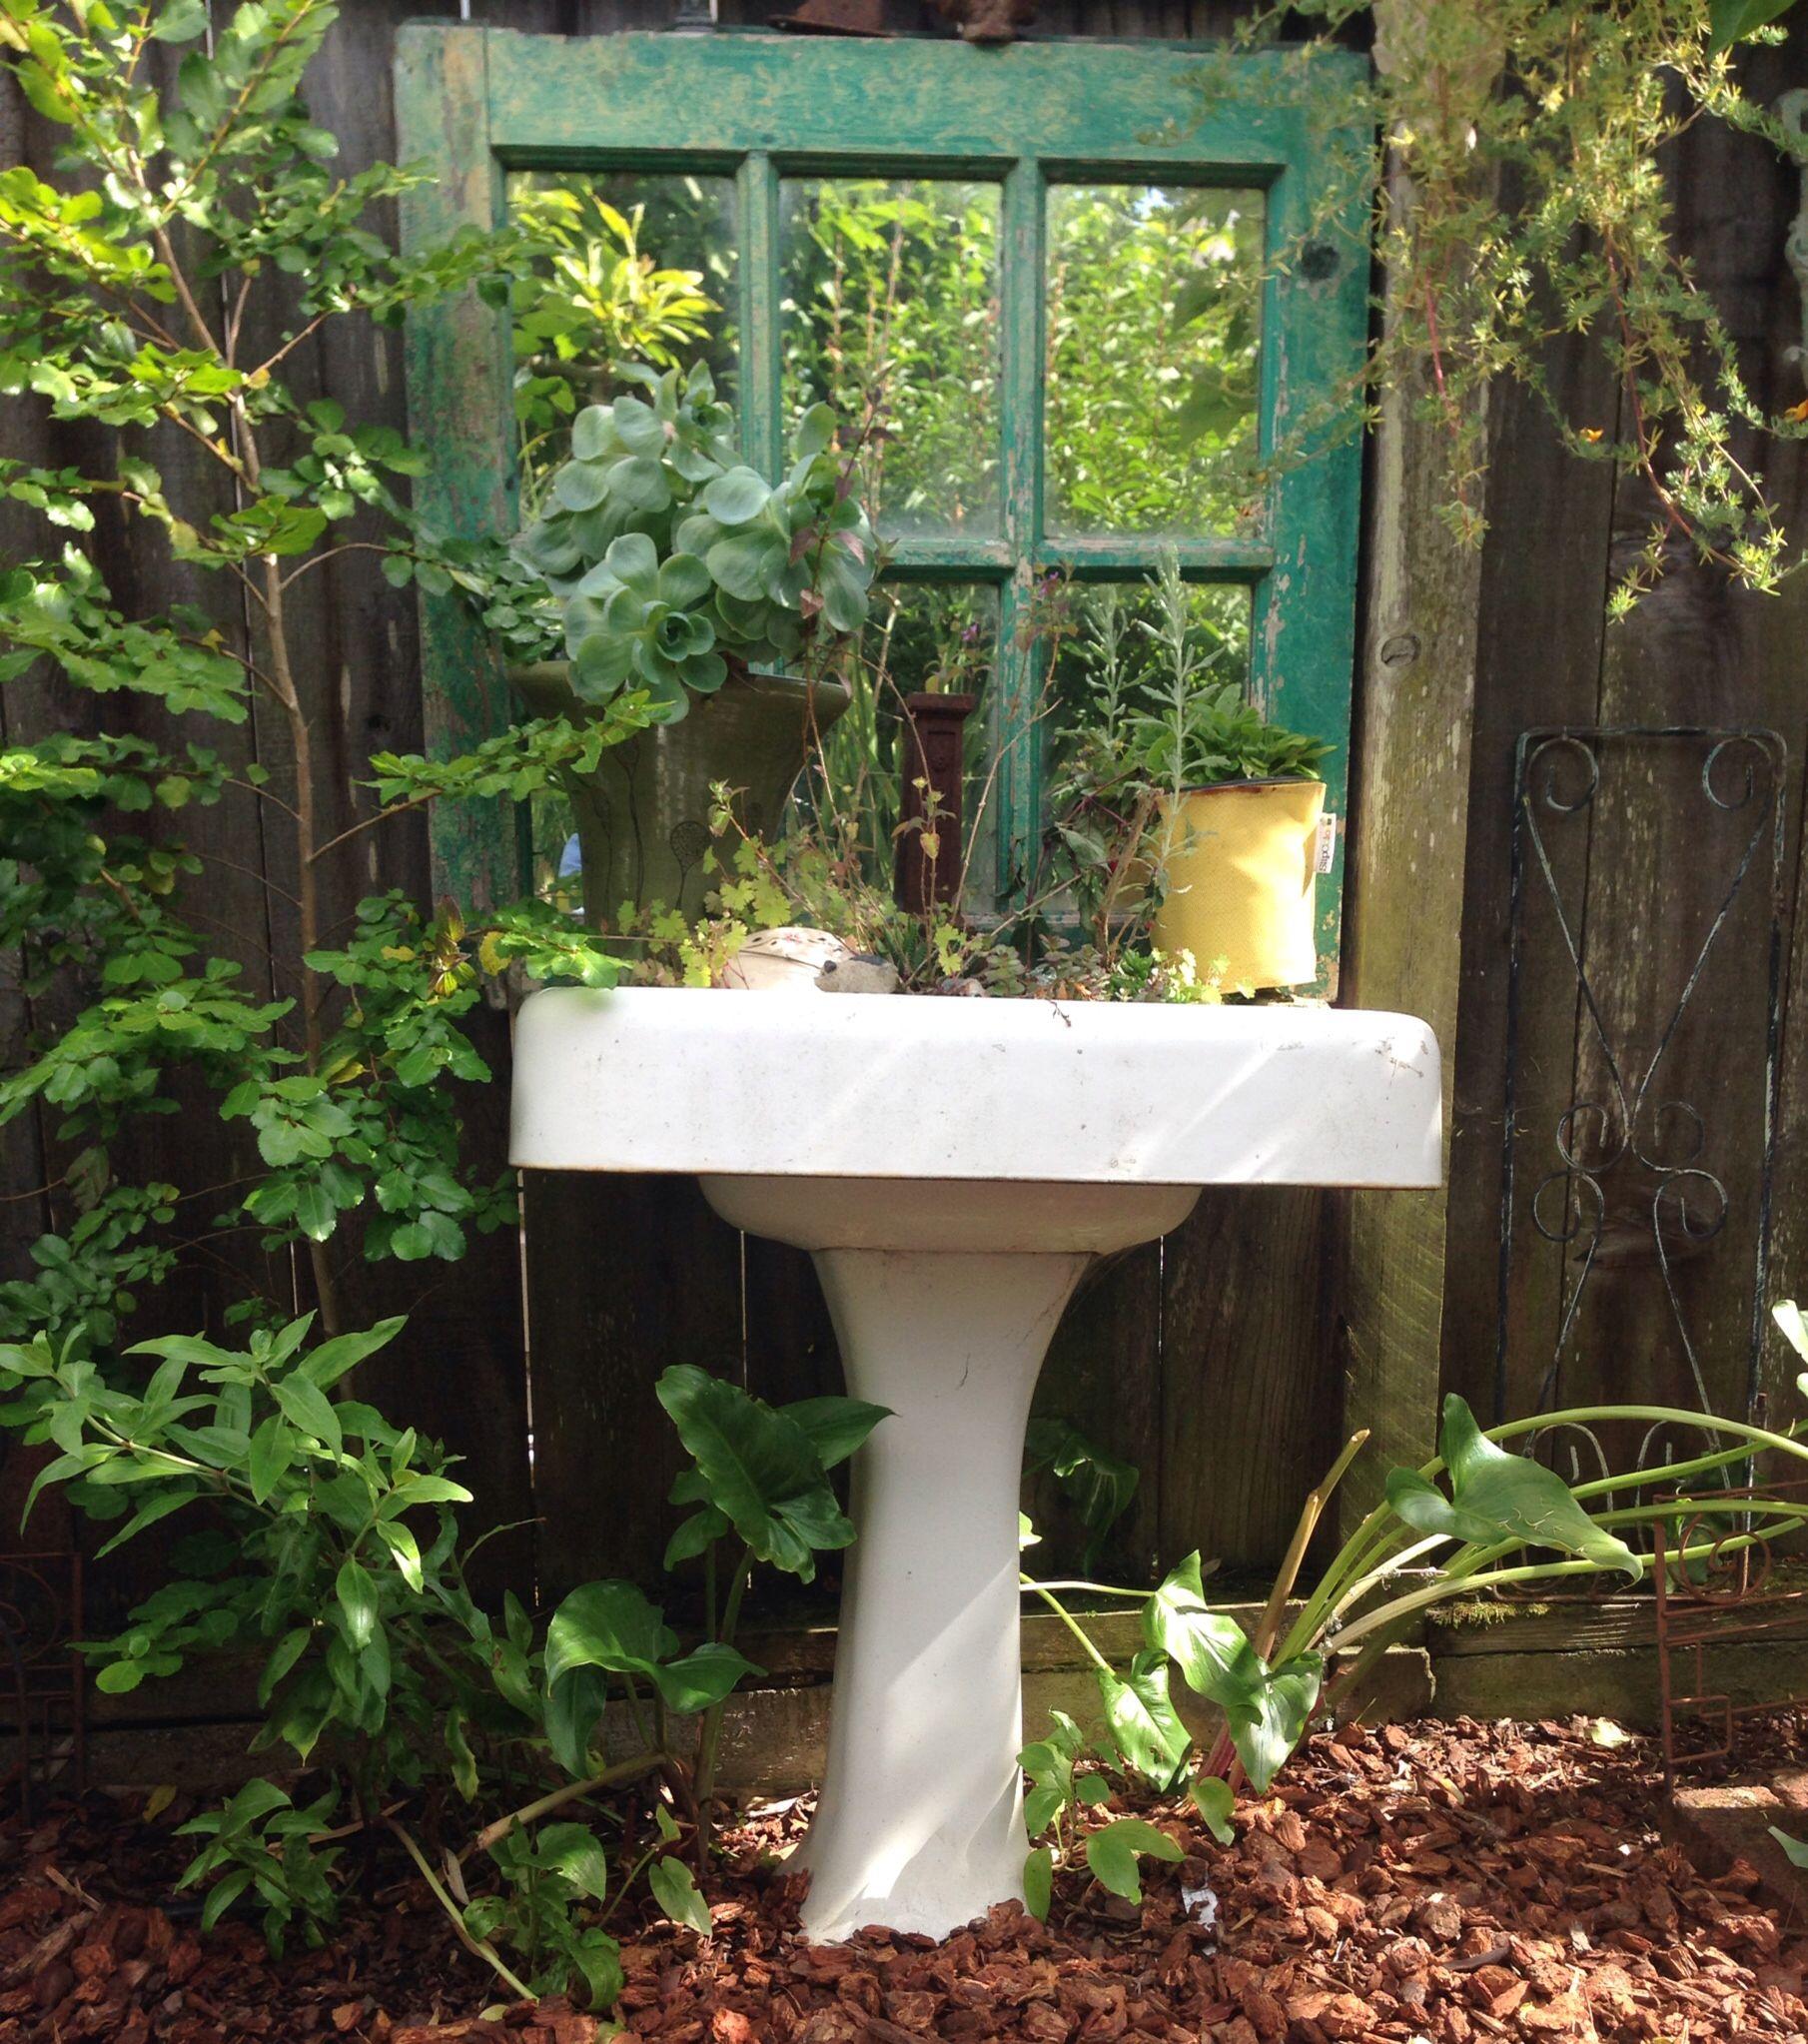 My Original Pedestal Sink Finds New Home In My Garden